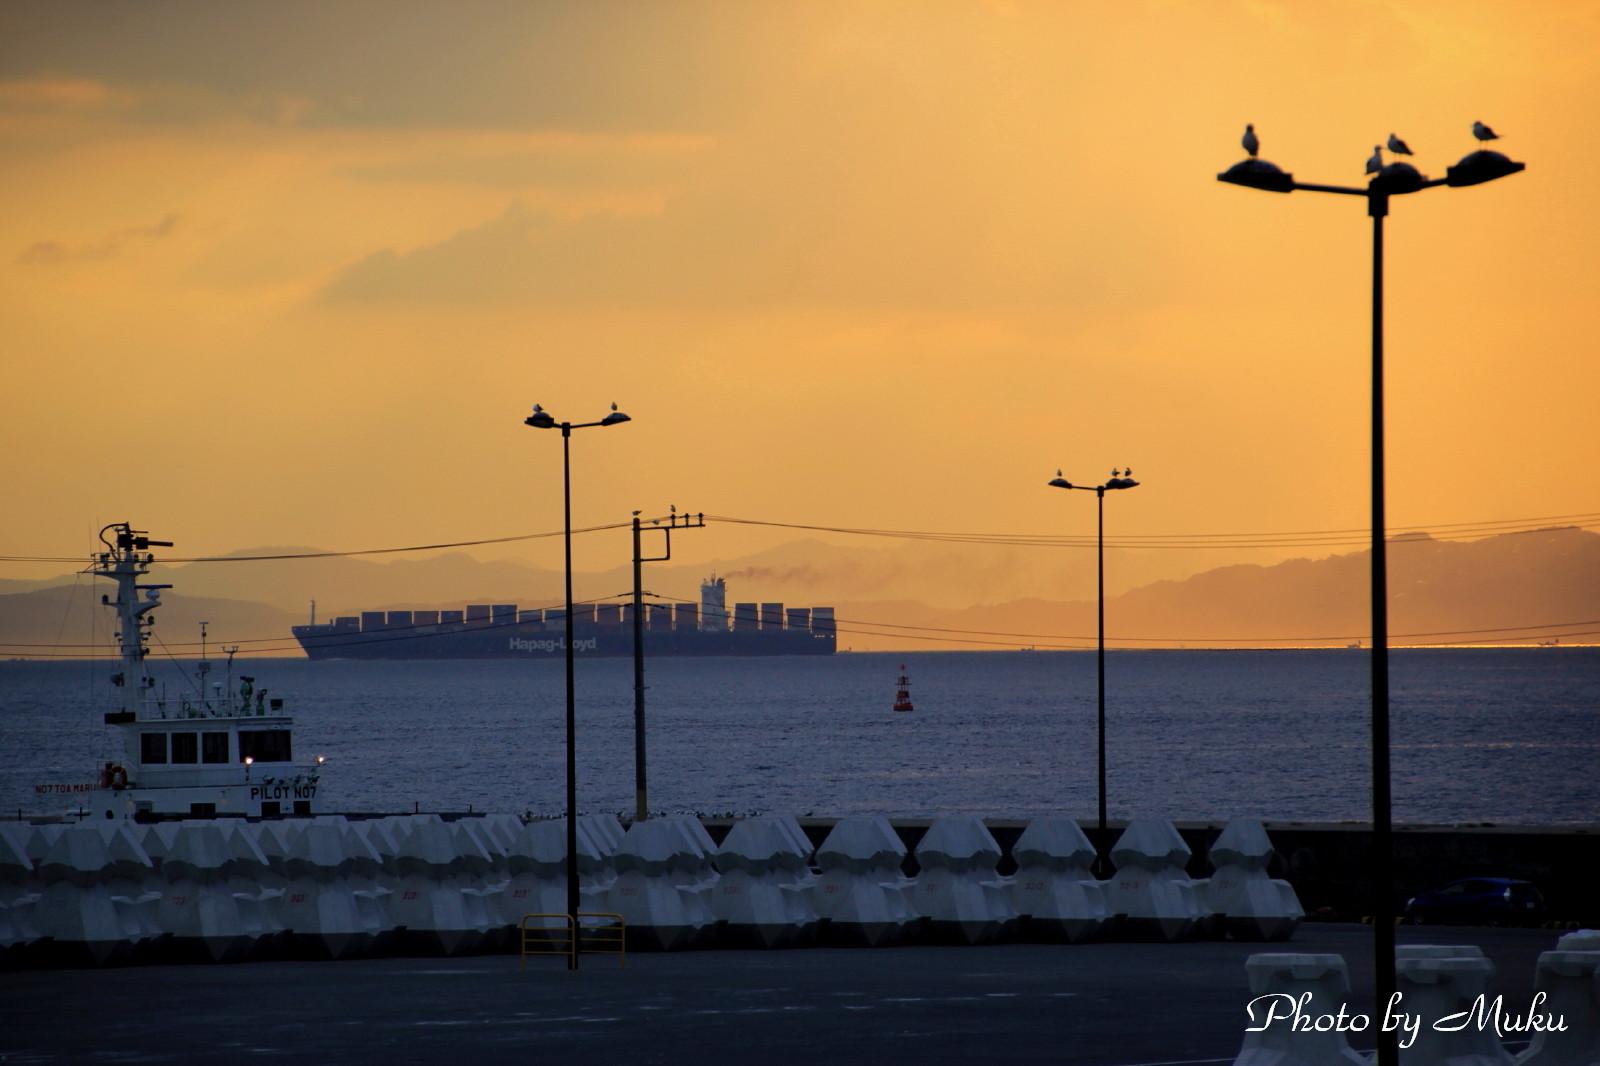 2014.9.24 夜明けの水道 (久里浜港:神奈川県横須賀市)